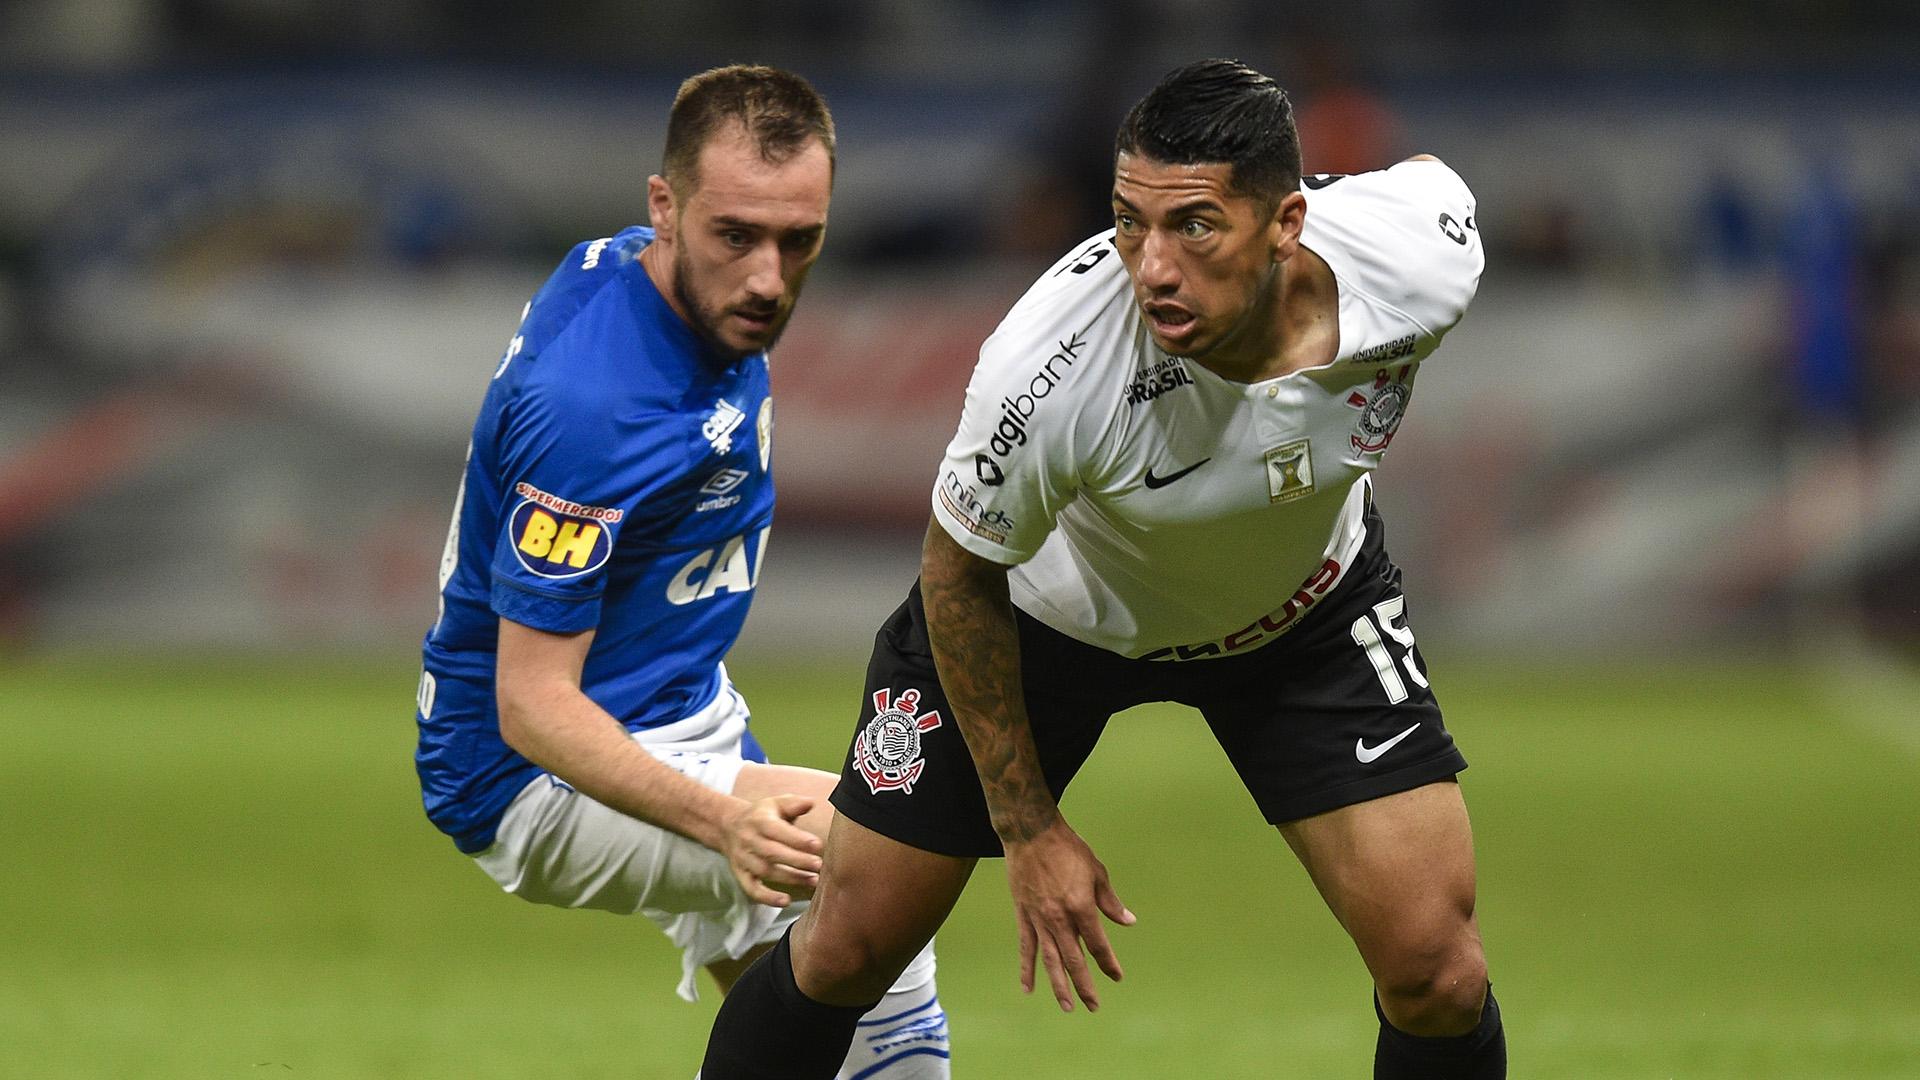 Mancuello Ralf Cruzeiro Corinthians Brasileirão Série A 14112018